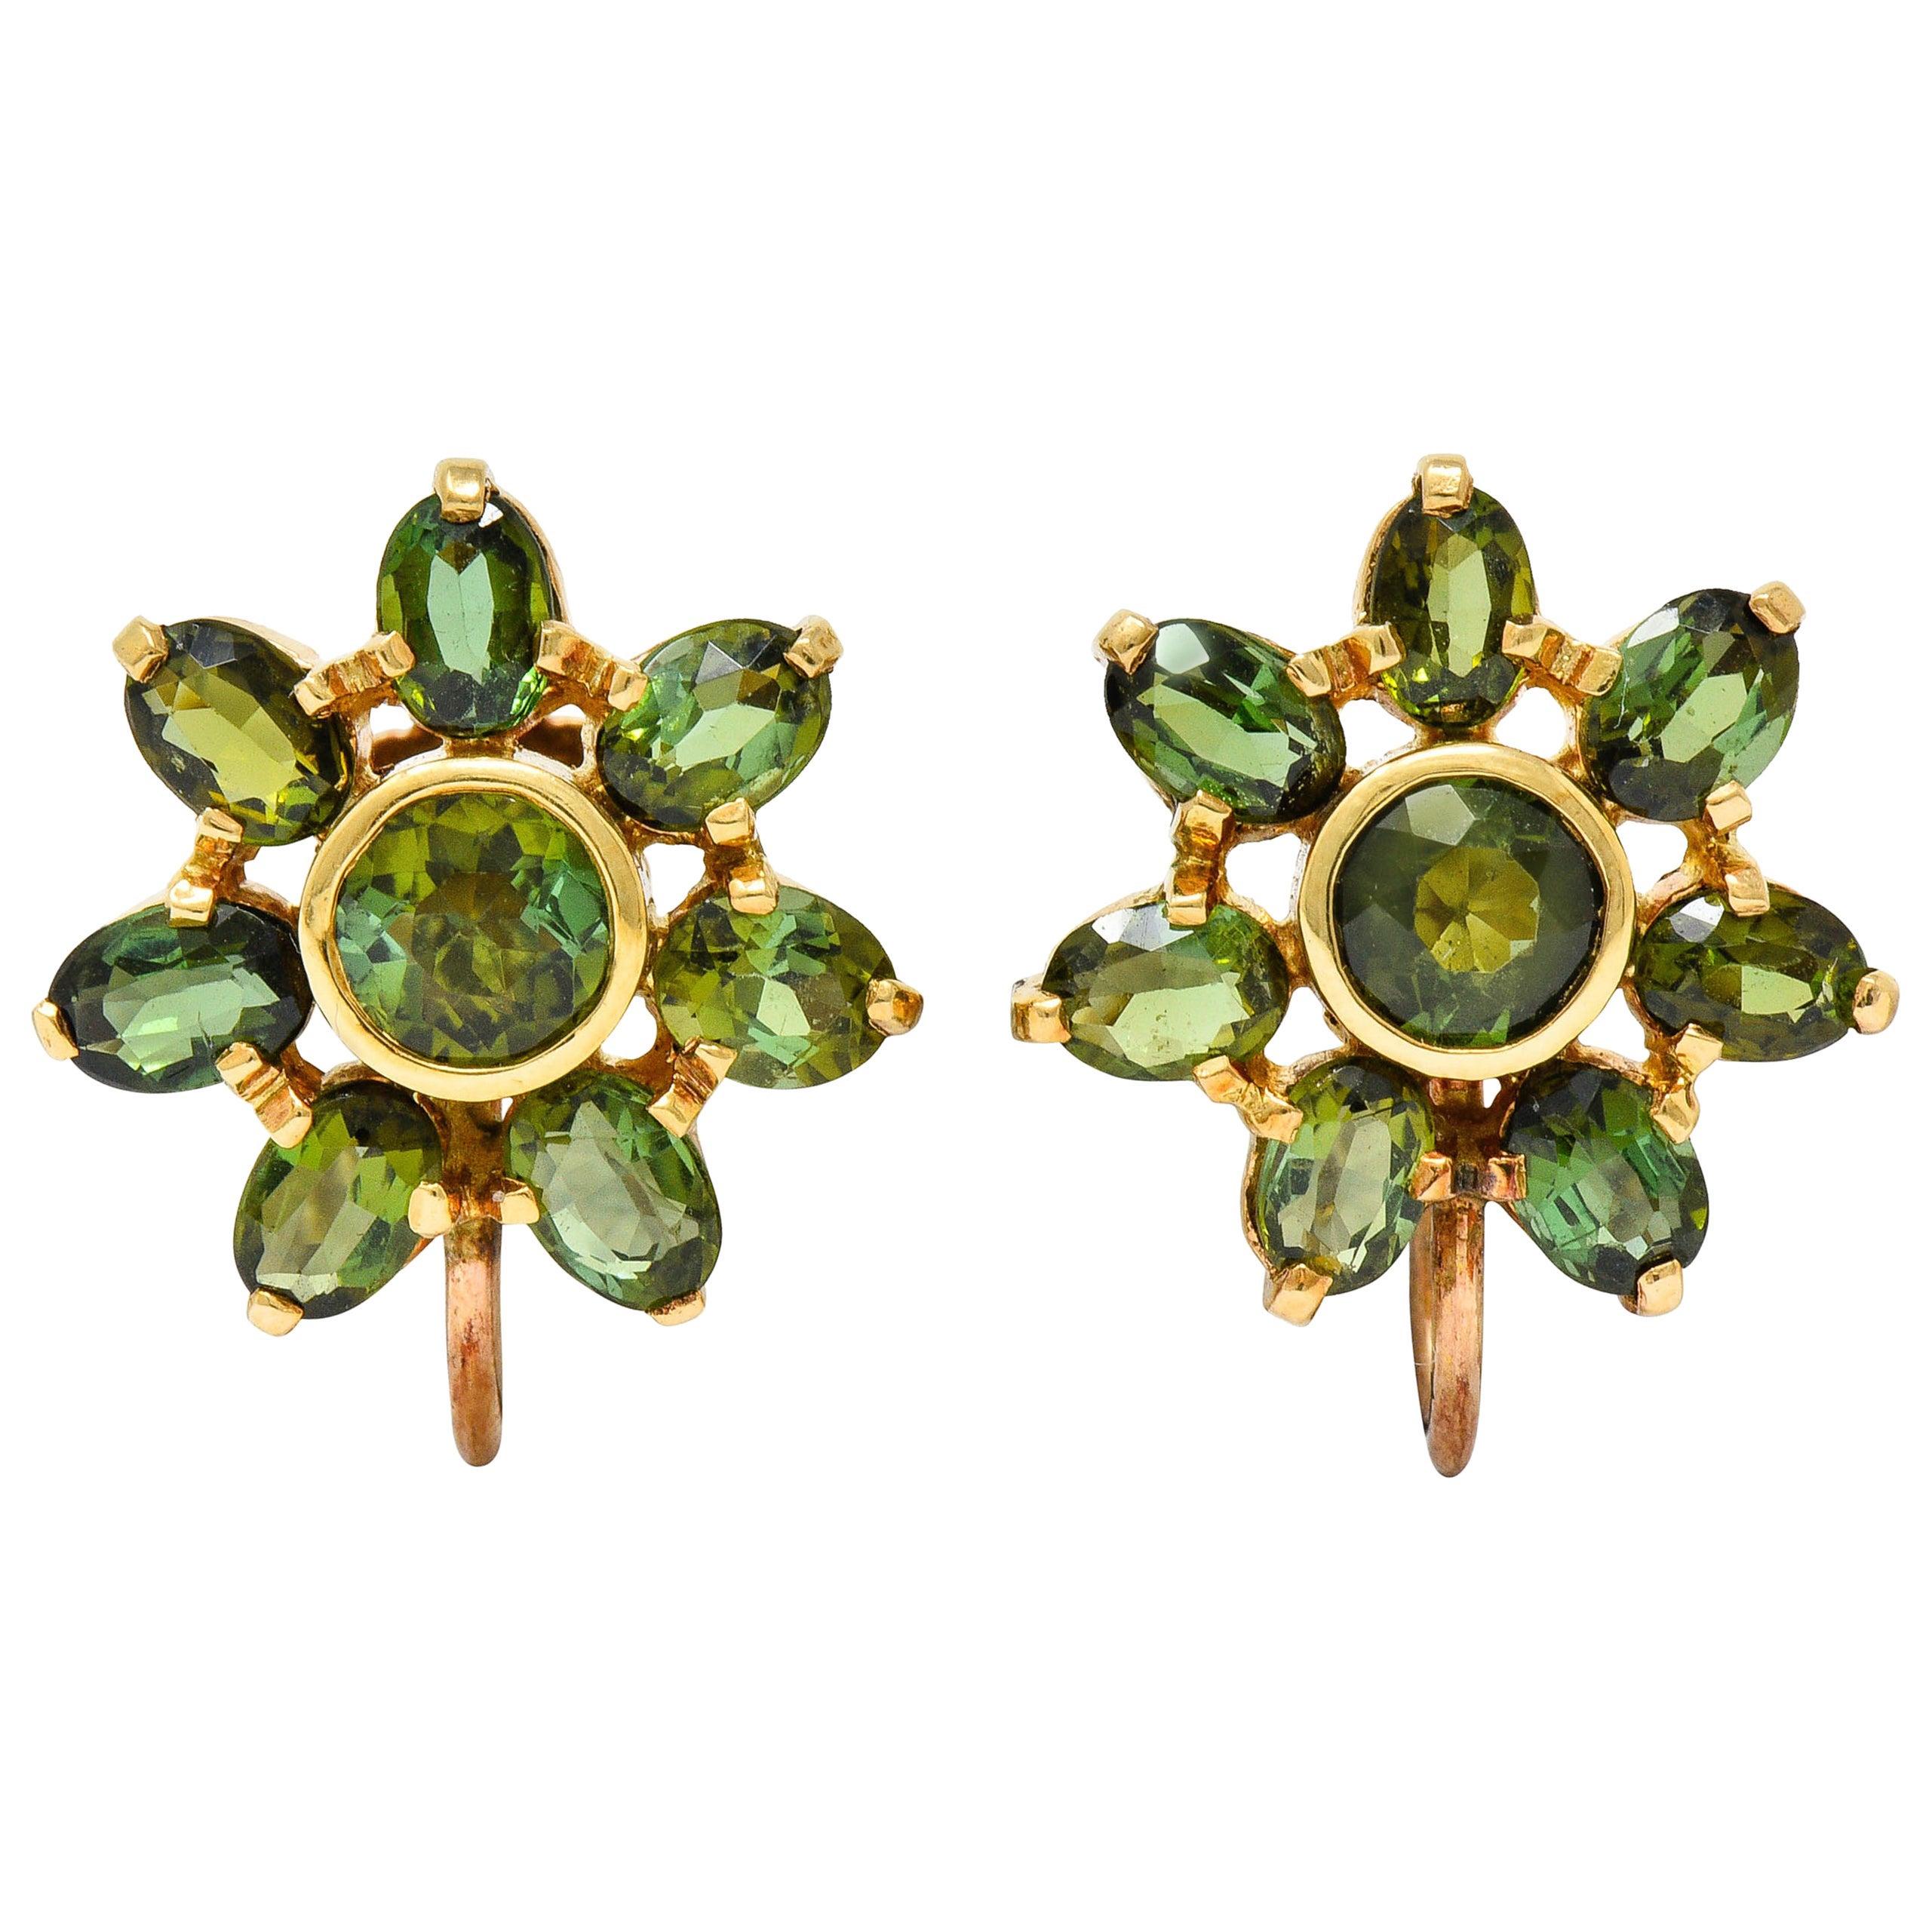 Tiffany & Co. Retro Green Tourmaline 14 Karat Gold Flower Screwback Earrings